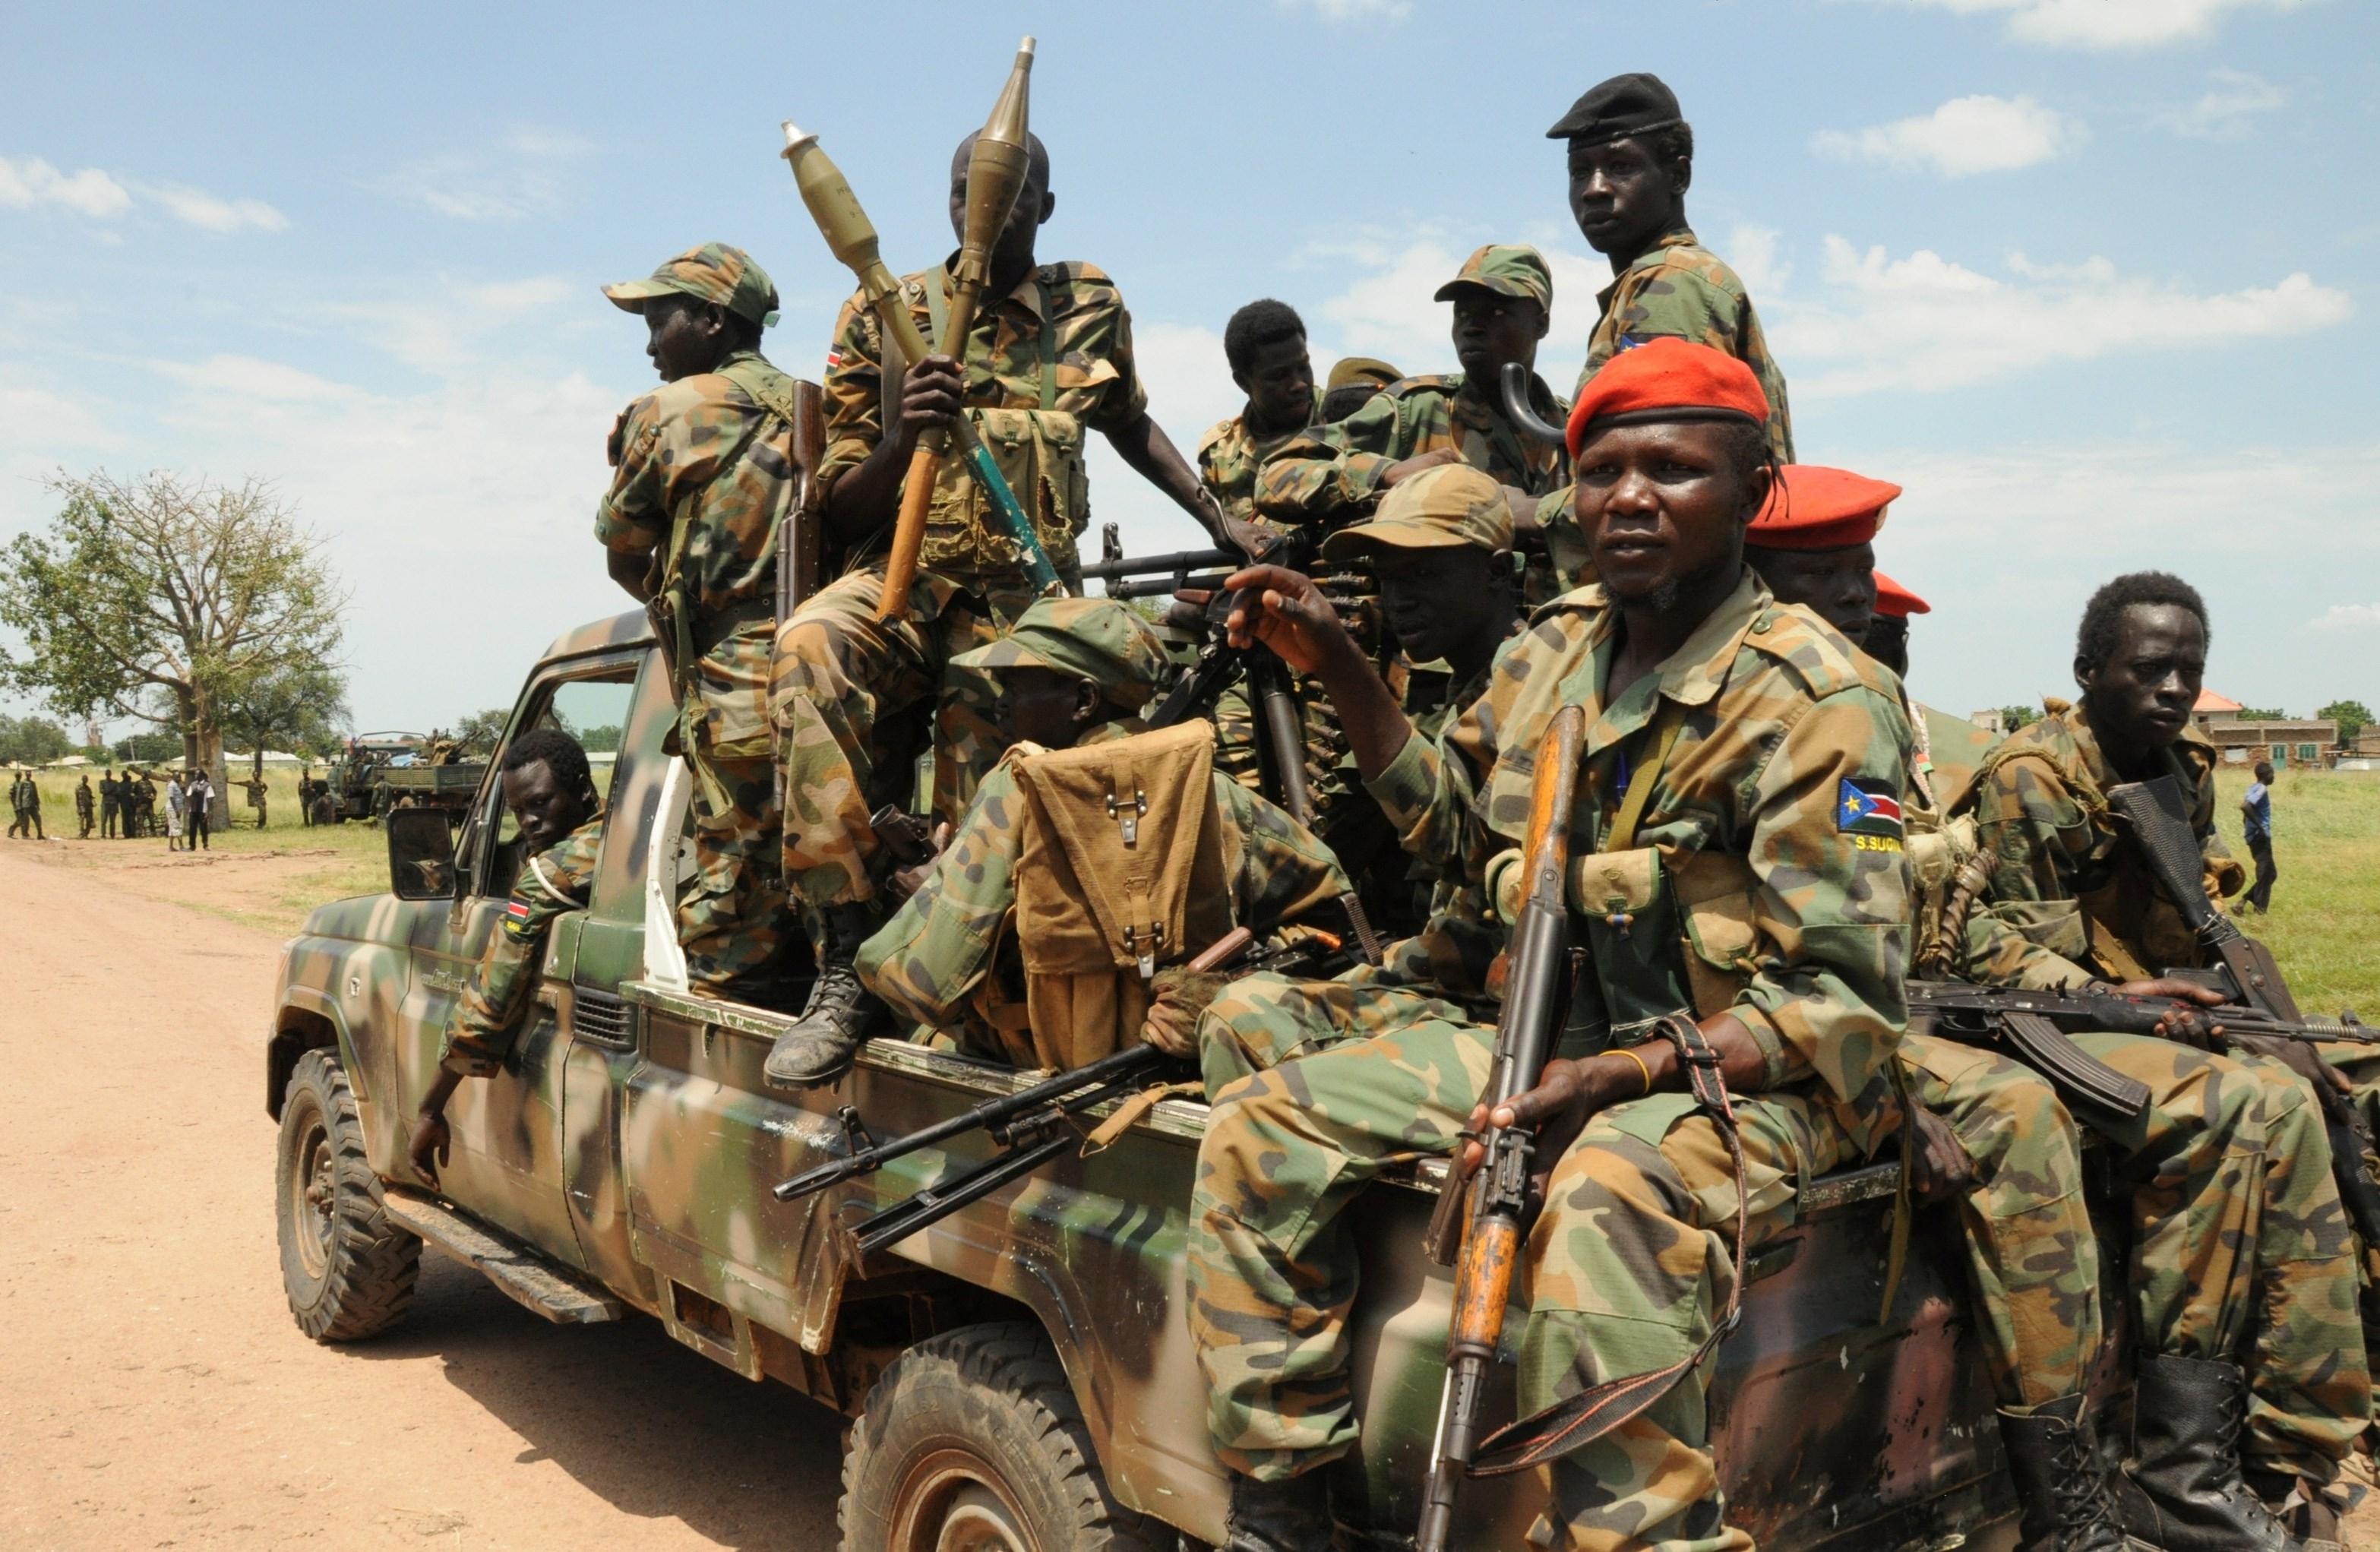 إثيوبيا تطلب من الاتحاد الأوروبي «التدخل» لوقف تقدم الجيش السودانى على الحدود